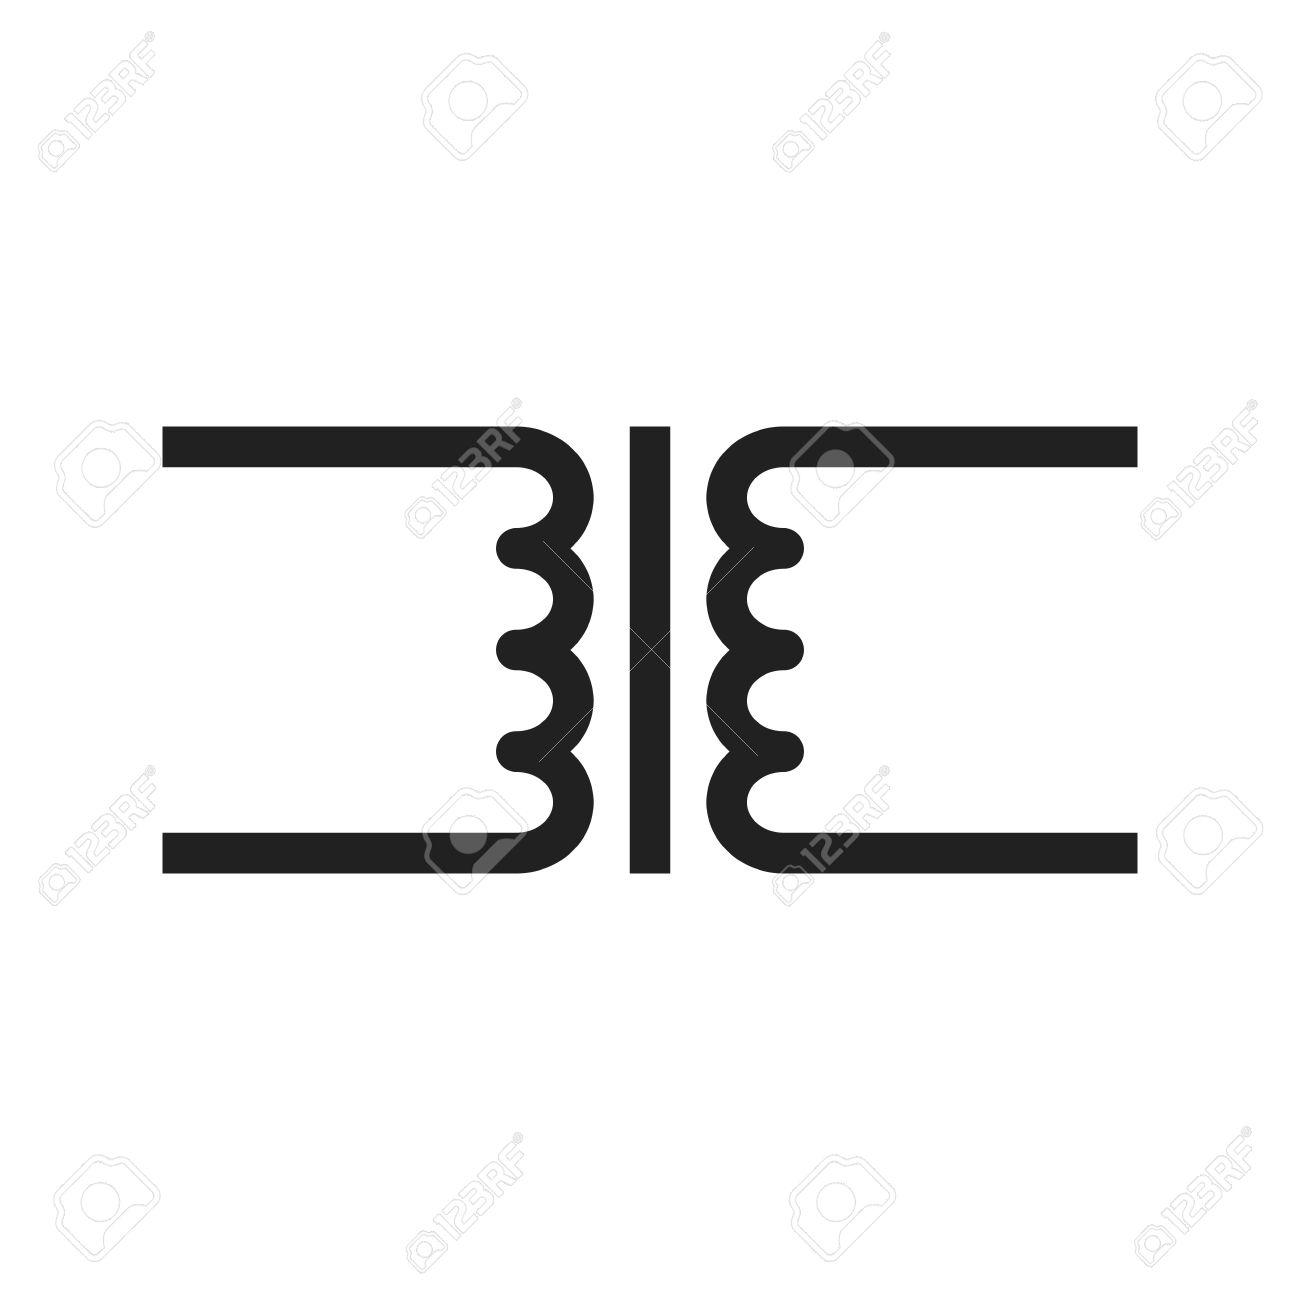 Transformator, Schaltung, Elektronische Symbol Vektor-Bild. Kann ...